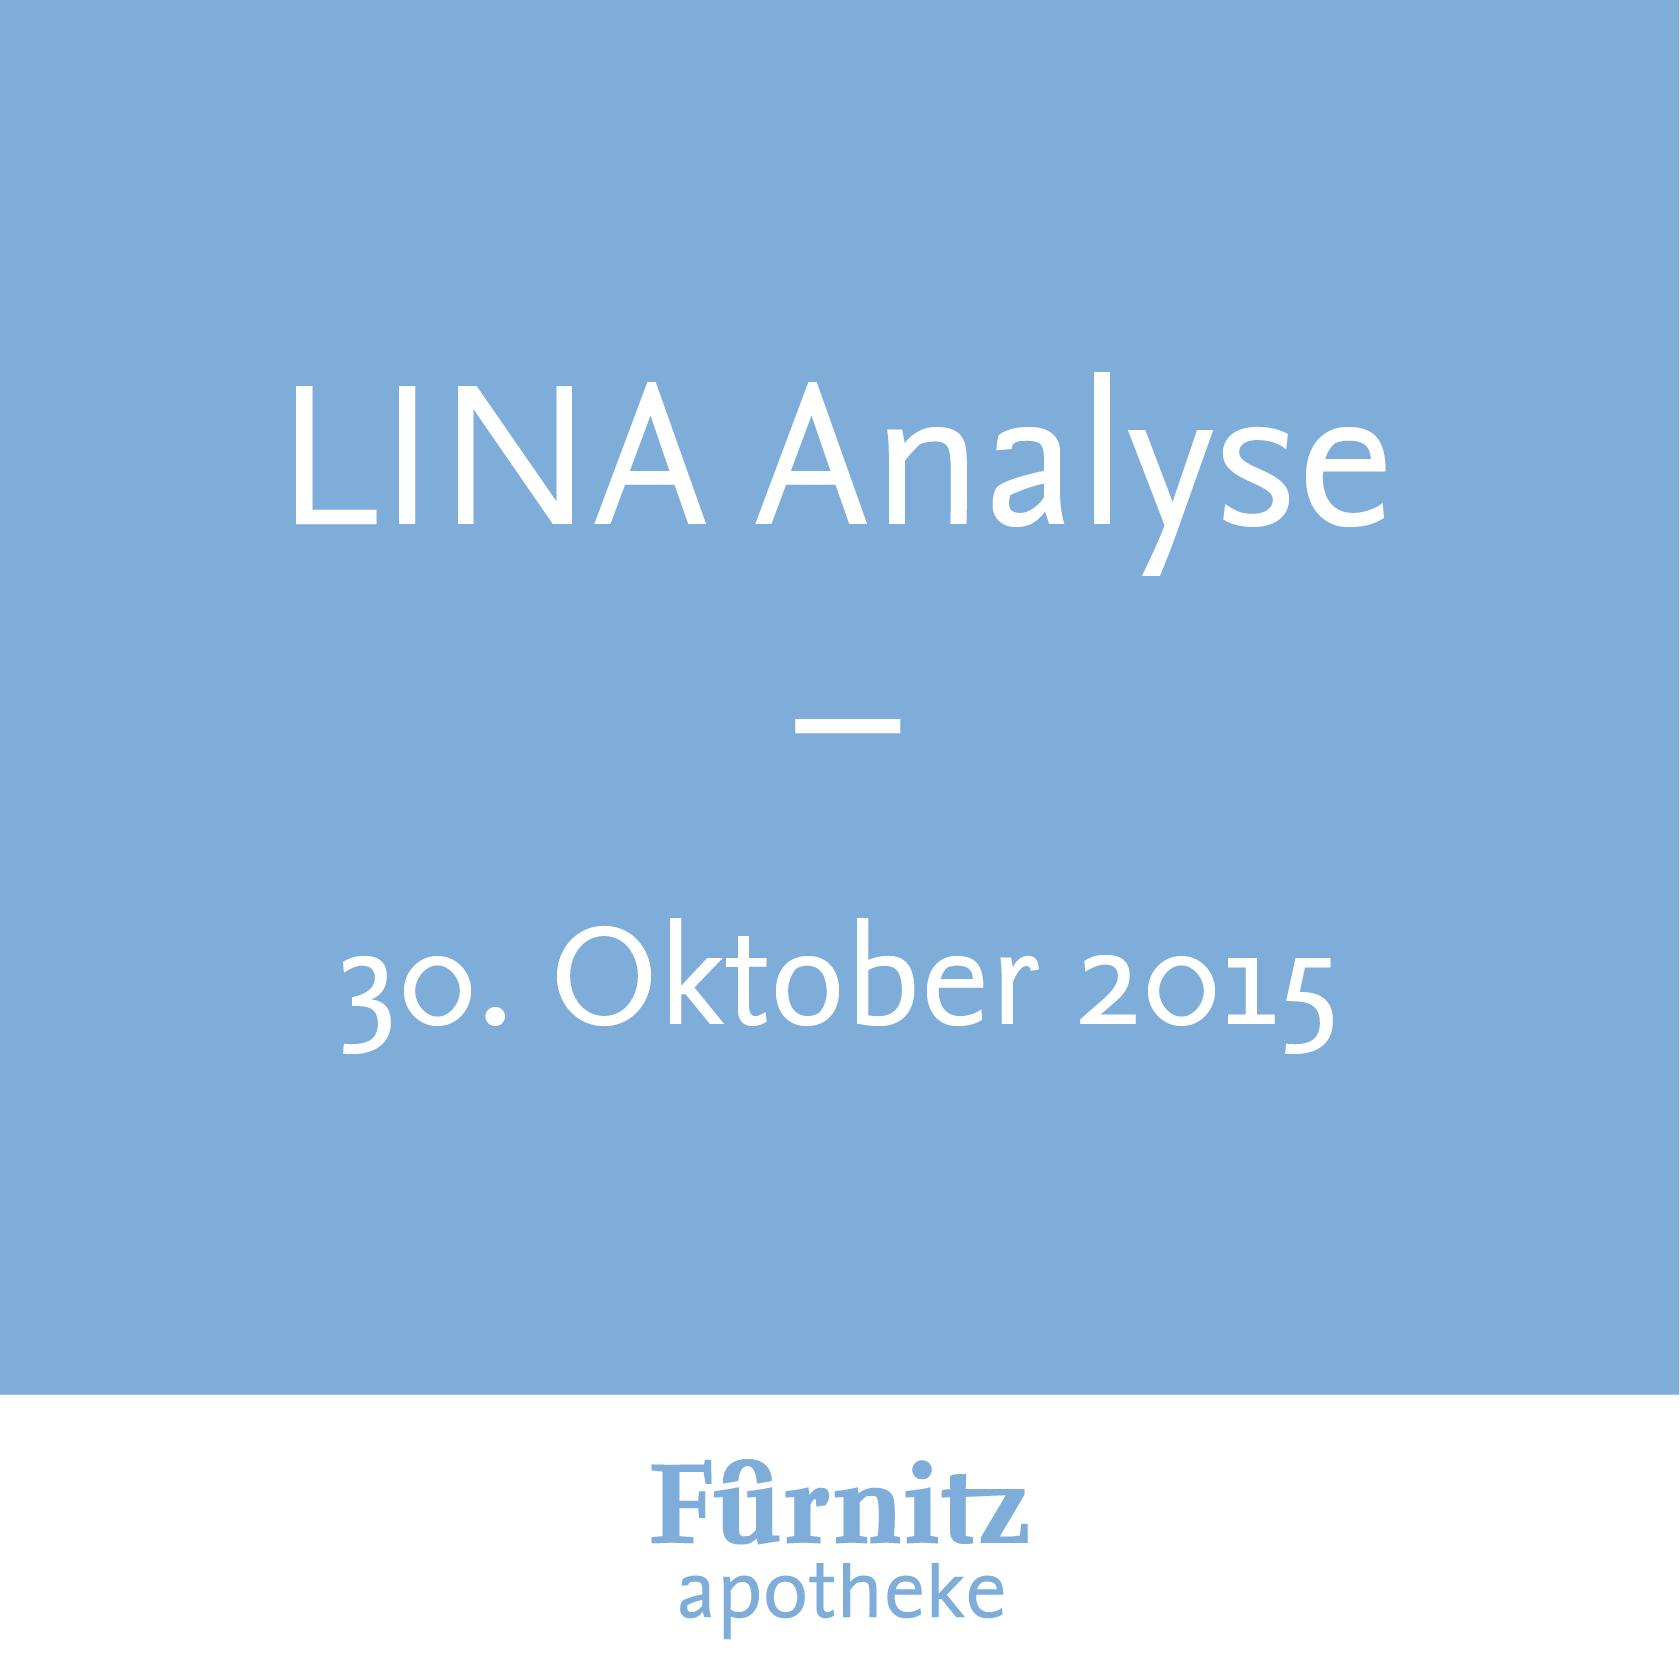 LINA Analyse